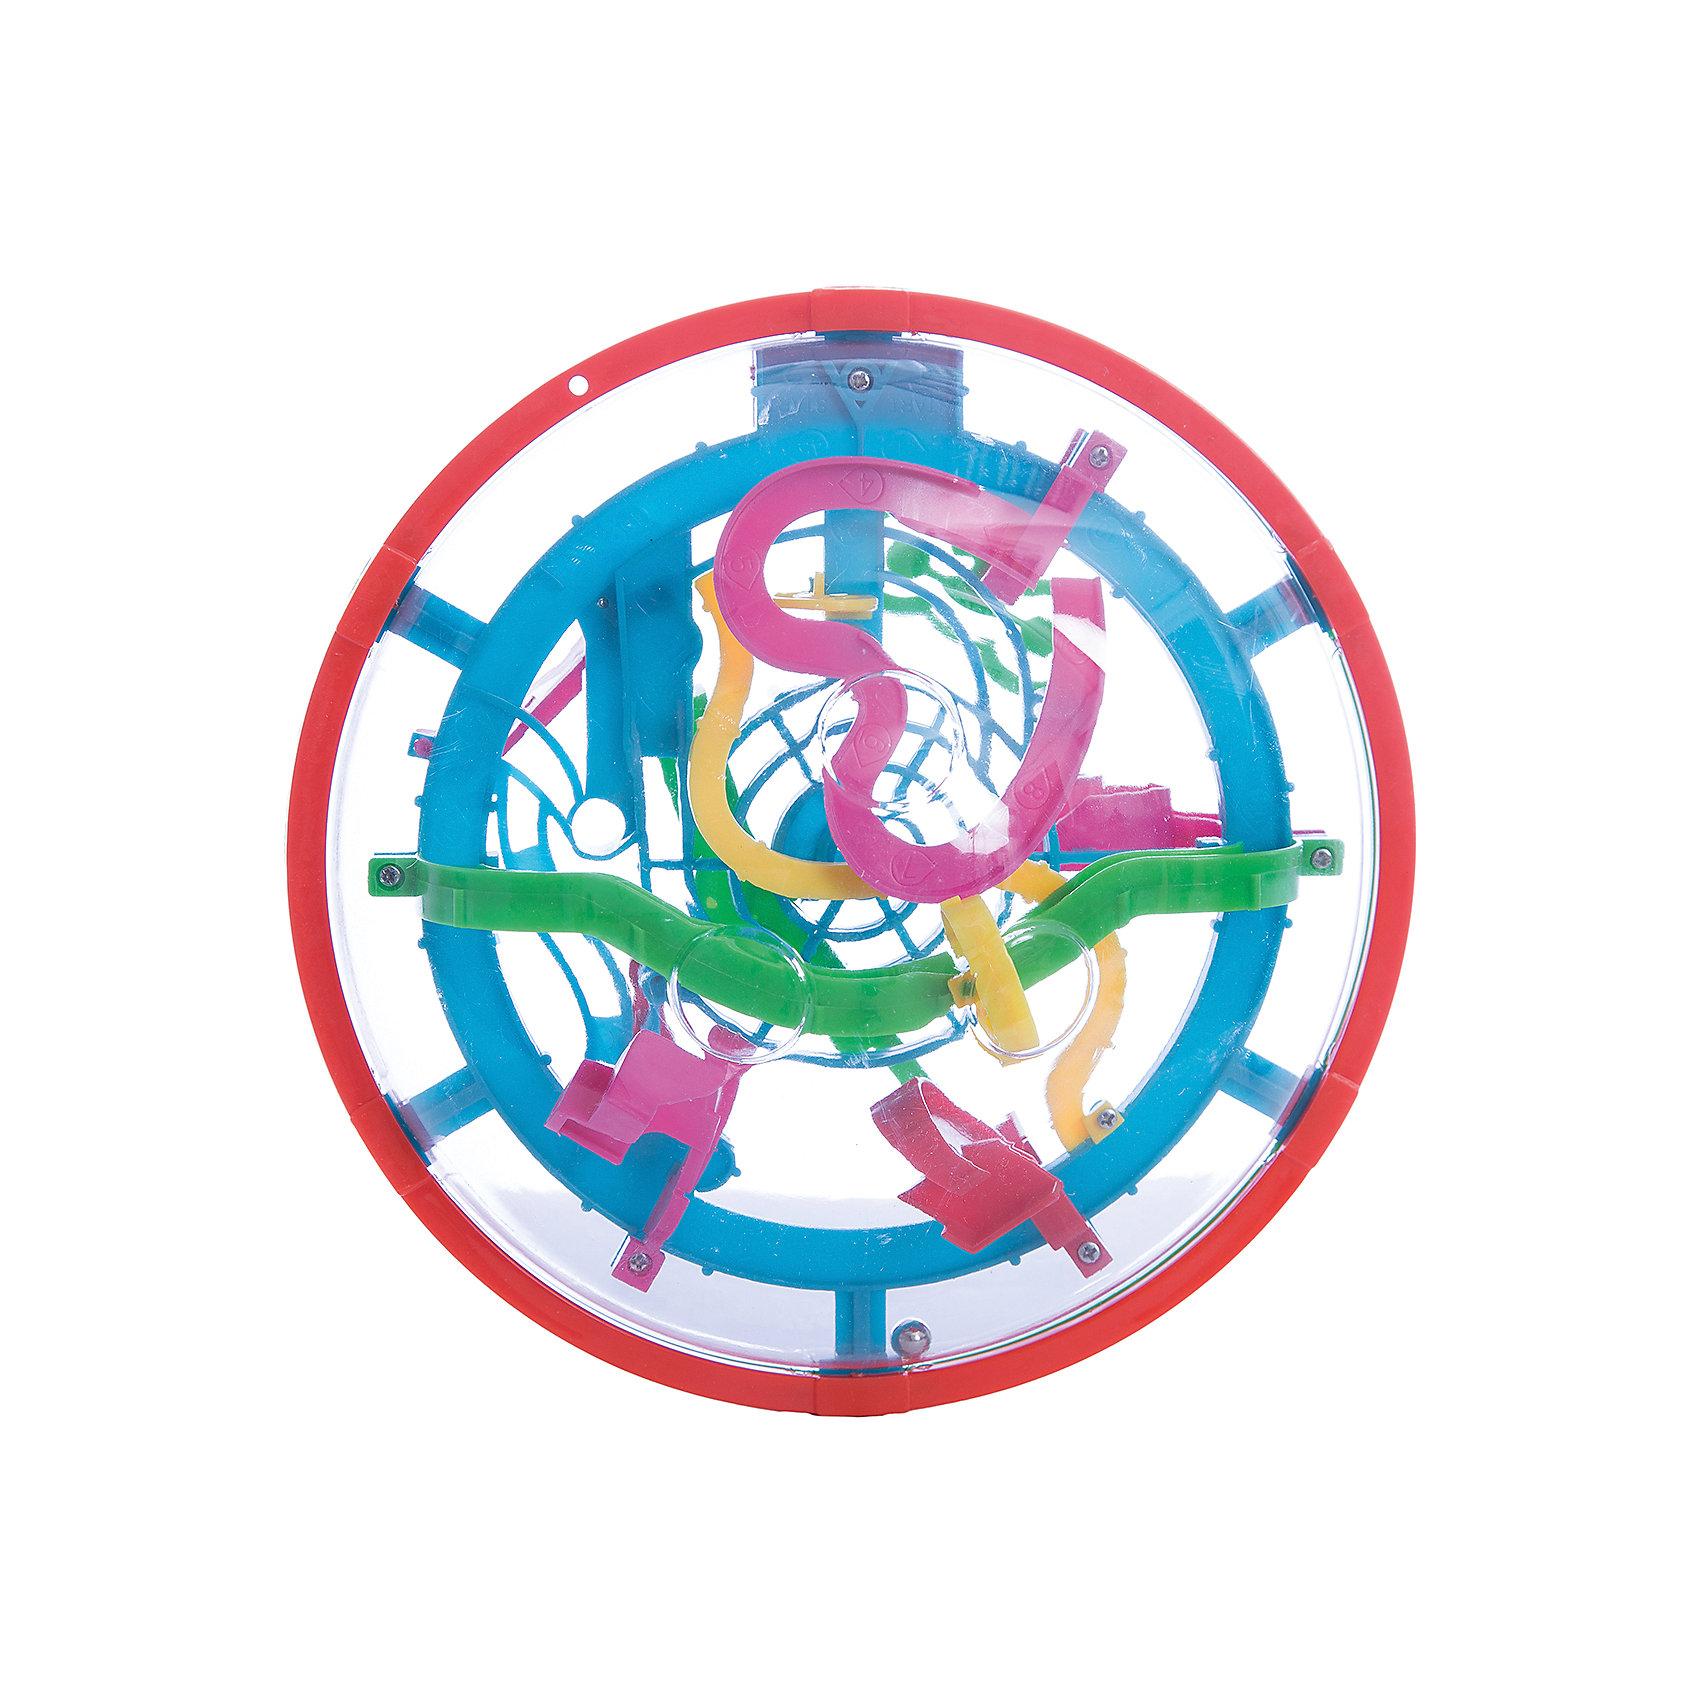 Игрушка-головоломка Шар-лабиринт, 99 шагов, Icoy ToysОбъёмные головоломки<br>Характеристики товара:<br><br>• возраст: от 6 лет;<br>• материал: пластик;<br>• размер упаковки: 19,5х20х12 см;<br>• вес упаковки: 356 гр.;<br>• страна производитель: Китай.<br><br>Игрушка-головоломка «Шар-лабиринт» 99 шагов Icoy Toys — увлекательная развивающая игрушка. Она выполнена в виде шара, внутри которого расположен лабиринт с 99 препятствиями. Задача игрока — провести шарик внутри лабиринта до конца. Игрушка развивает логическое мышление, интеллект, внимательность.<br><br>Игрушку-головоломку «Шар-лабиринт» 99 шагов Icoy Toys можно приобрести в нашем интернет-магазине.<br><br>Ширина мм: 195<br>Глубина мм: 200<br>Высота мм: 120<br>Вес г: 356<br>Возраст от месяцев: 36<br>Возраст до месяцев: 168<br>Пол: Унисекс<br>Возраст: Детский<br>SKU: 6883977